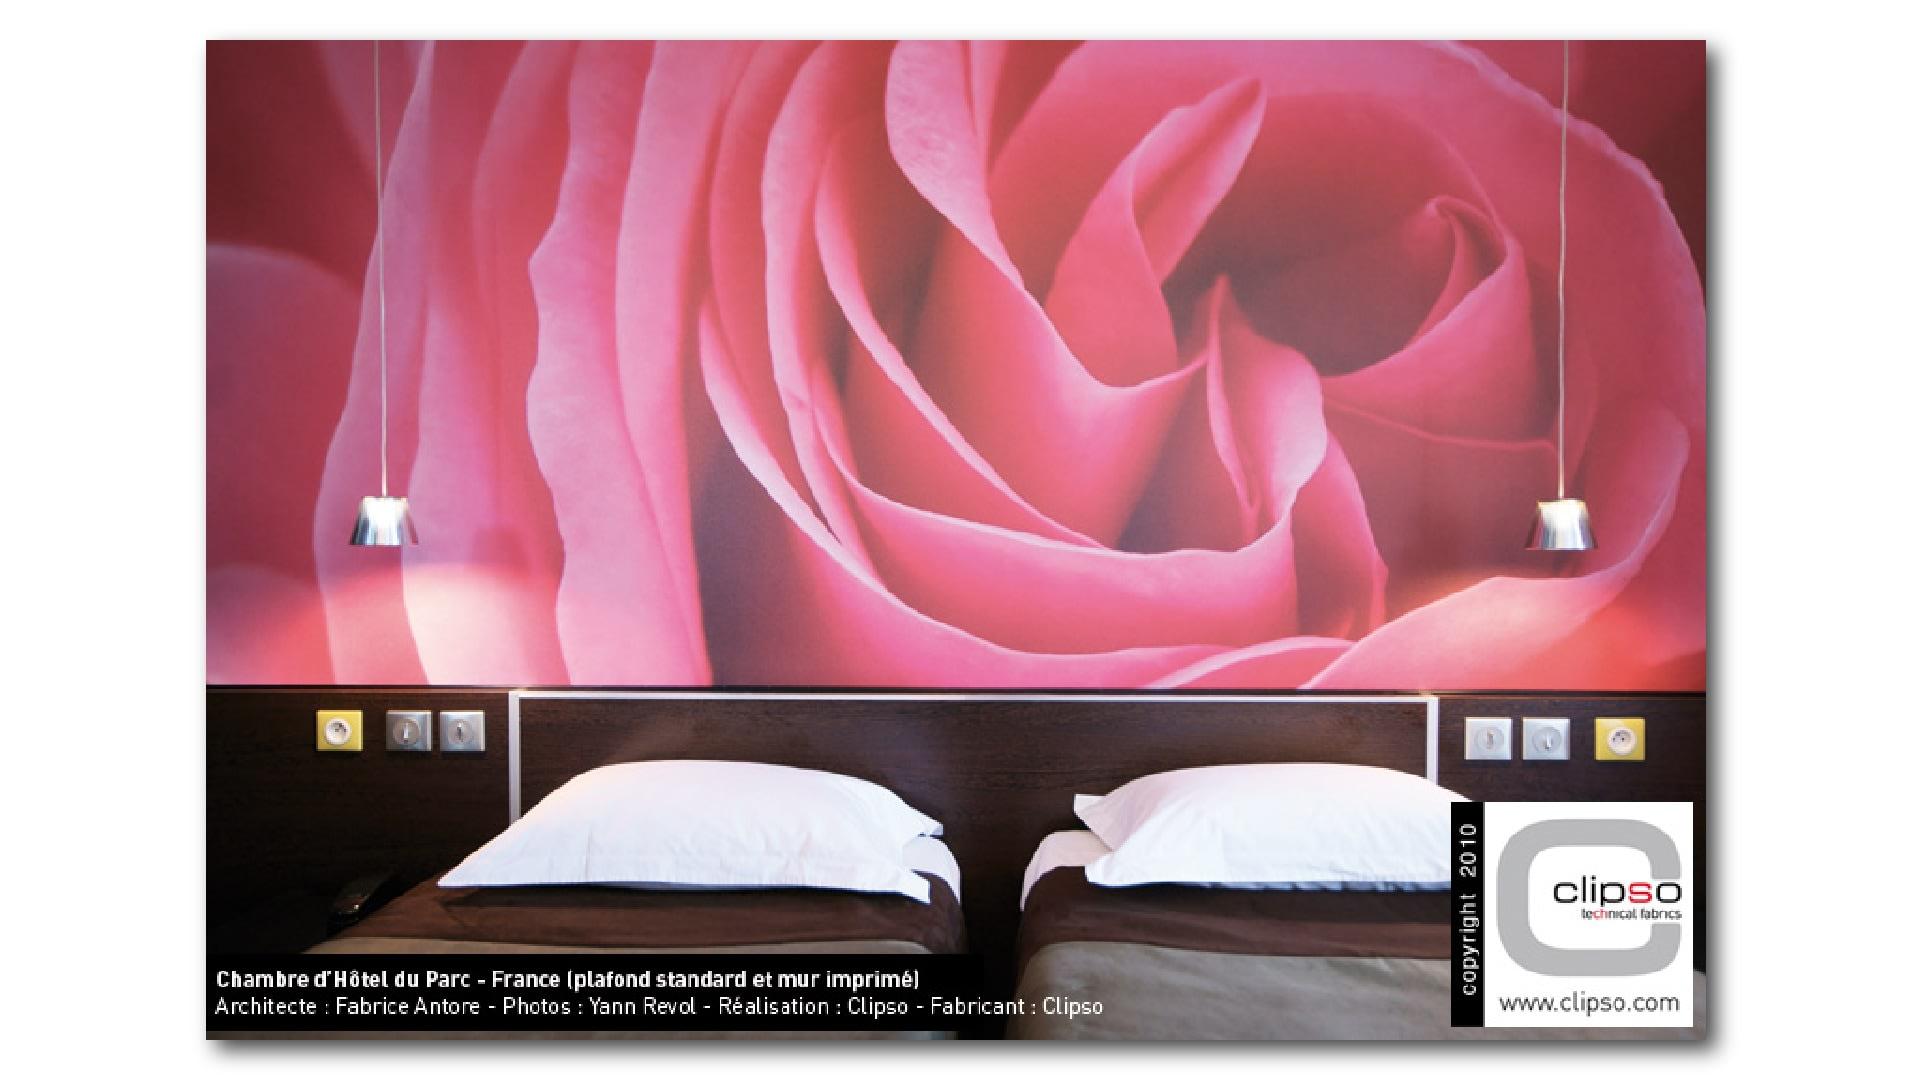 Hotelzimmer_mit_Clipso-Standard-02-01_gg1ovk